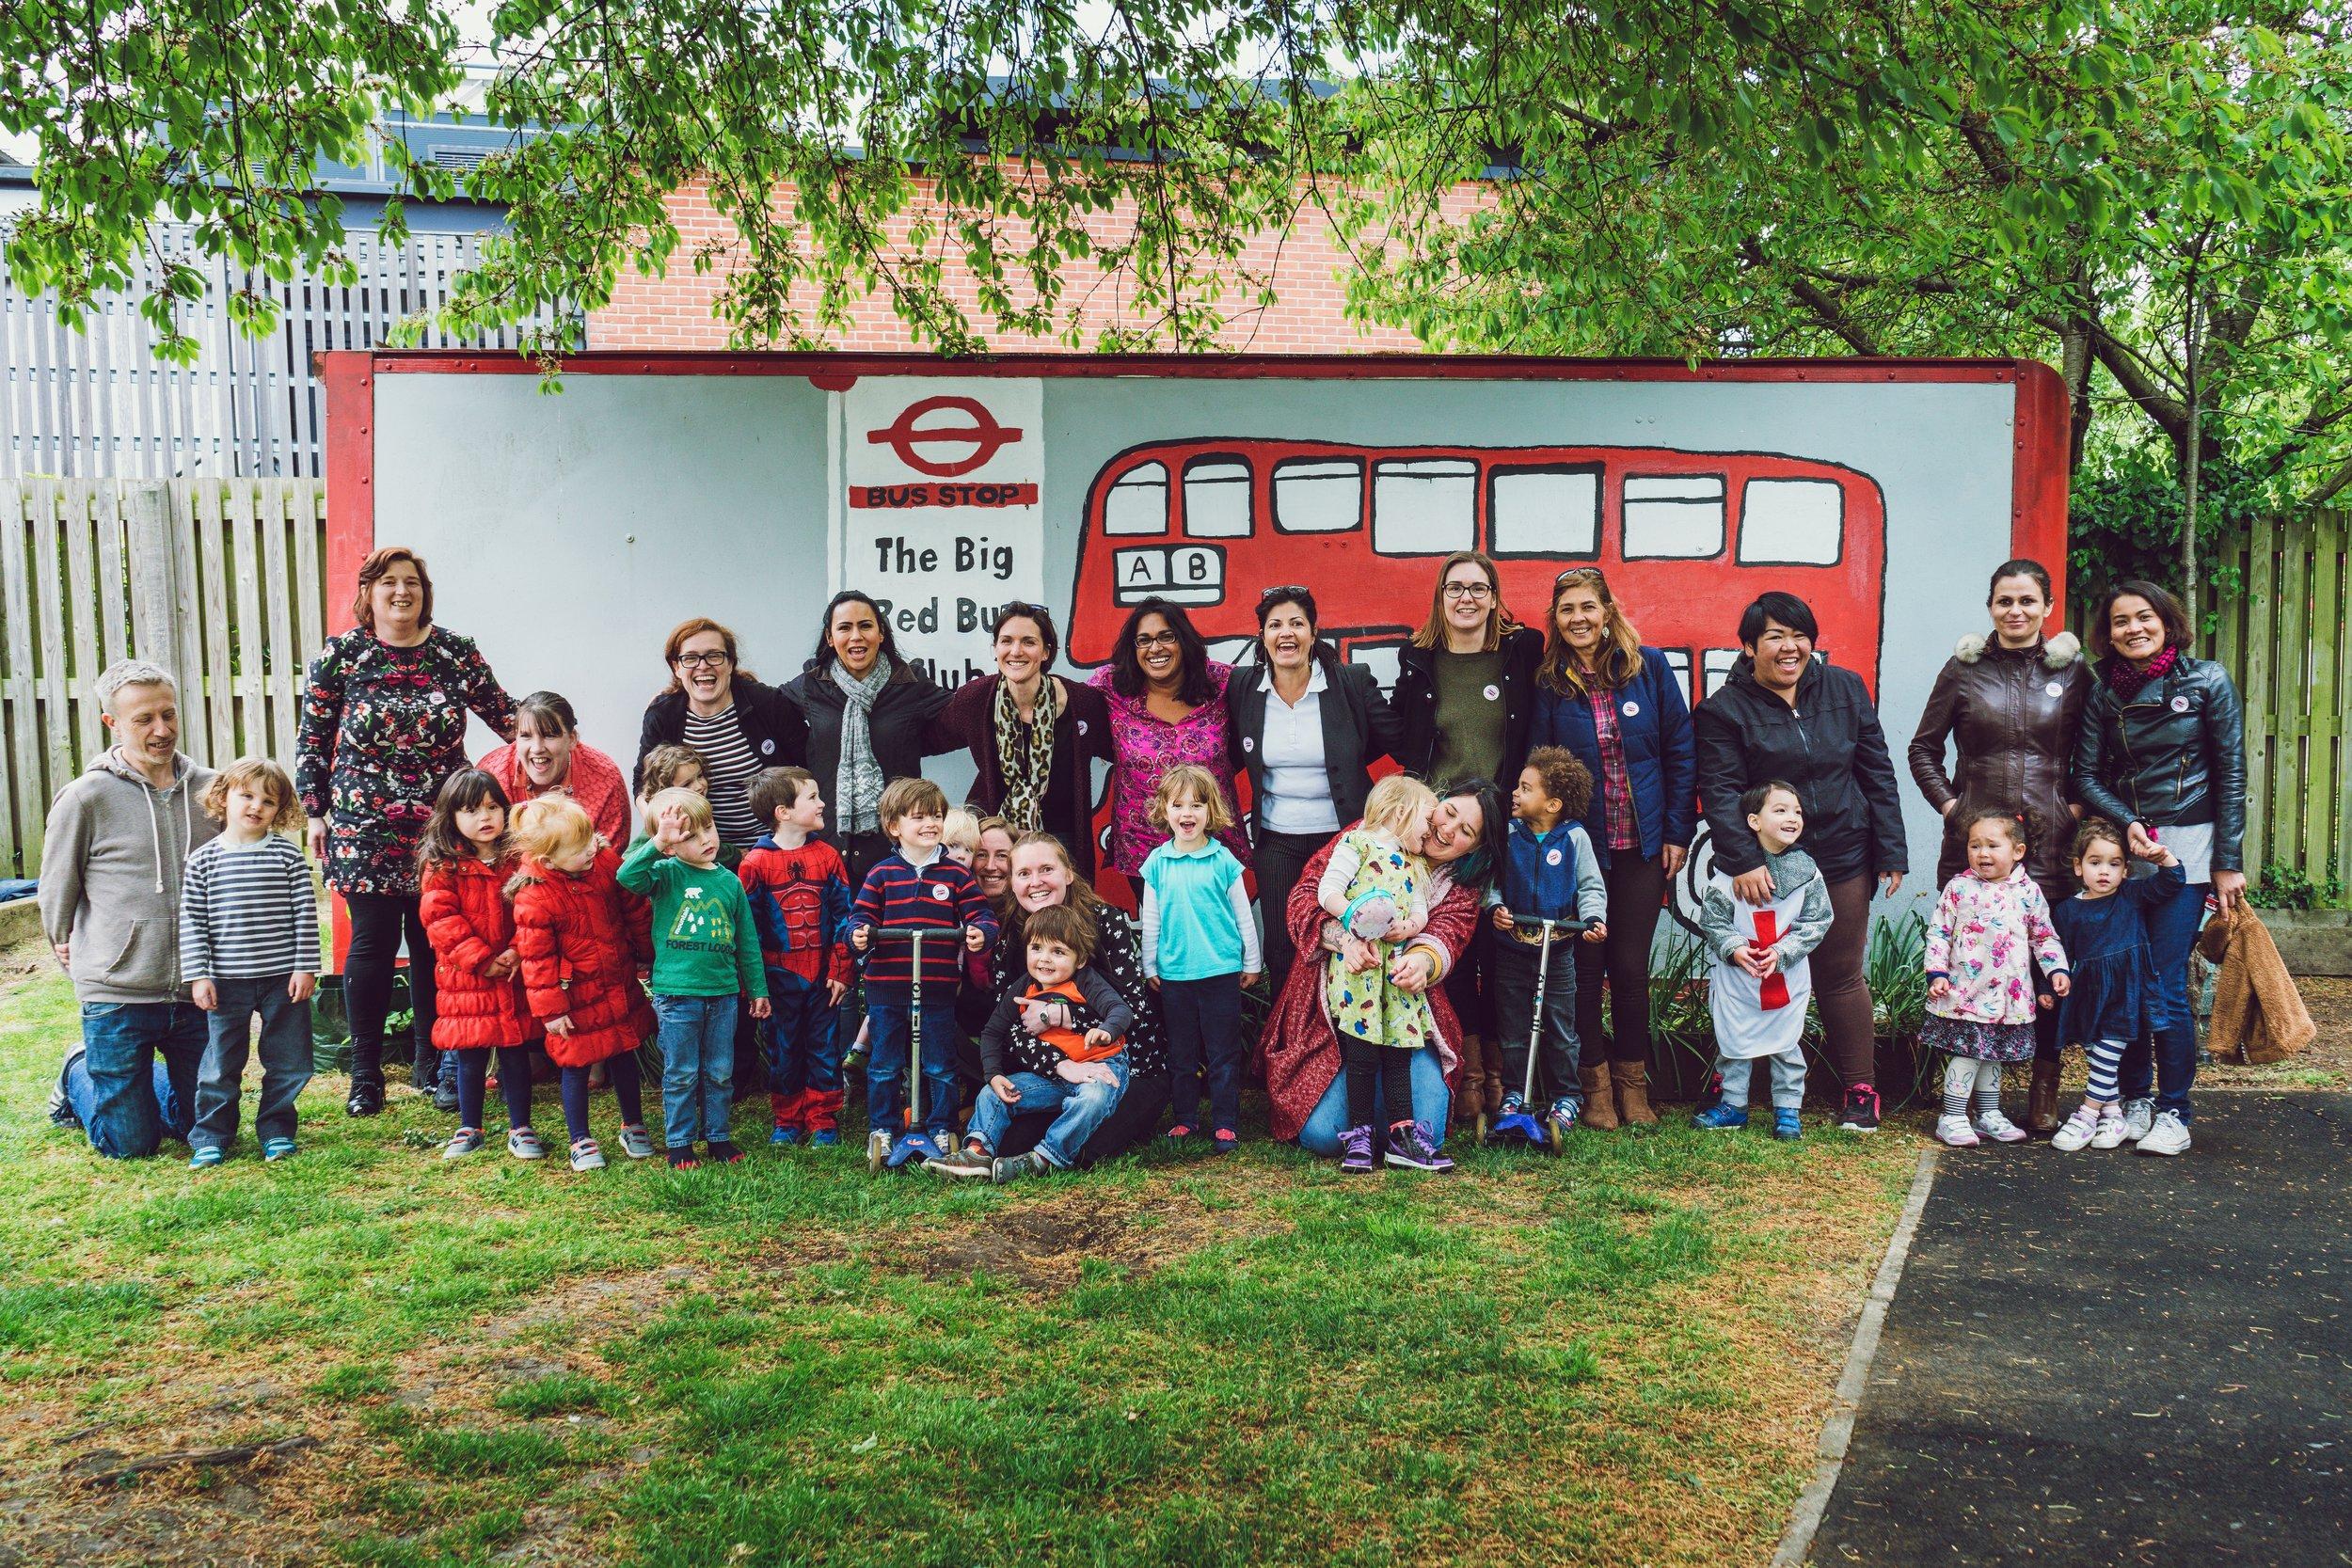 BIg-Red-Bus-Club-Case-Study-1.jpeg